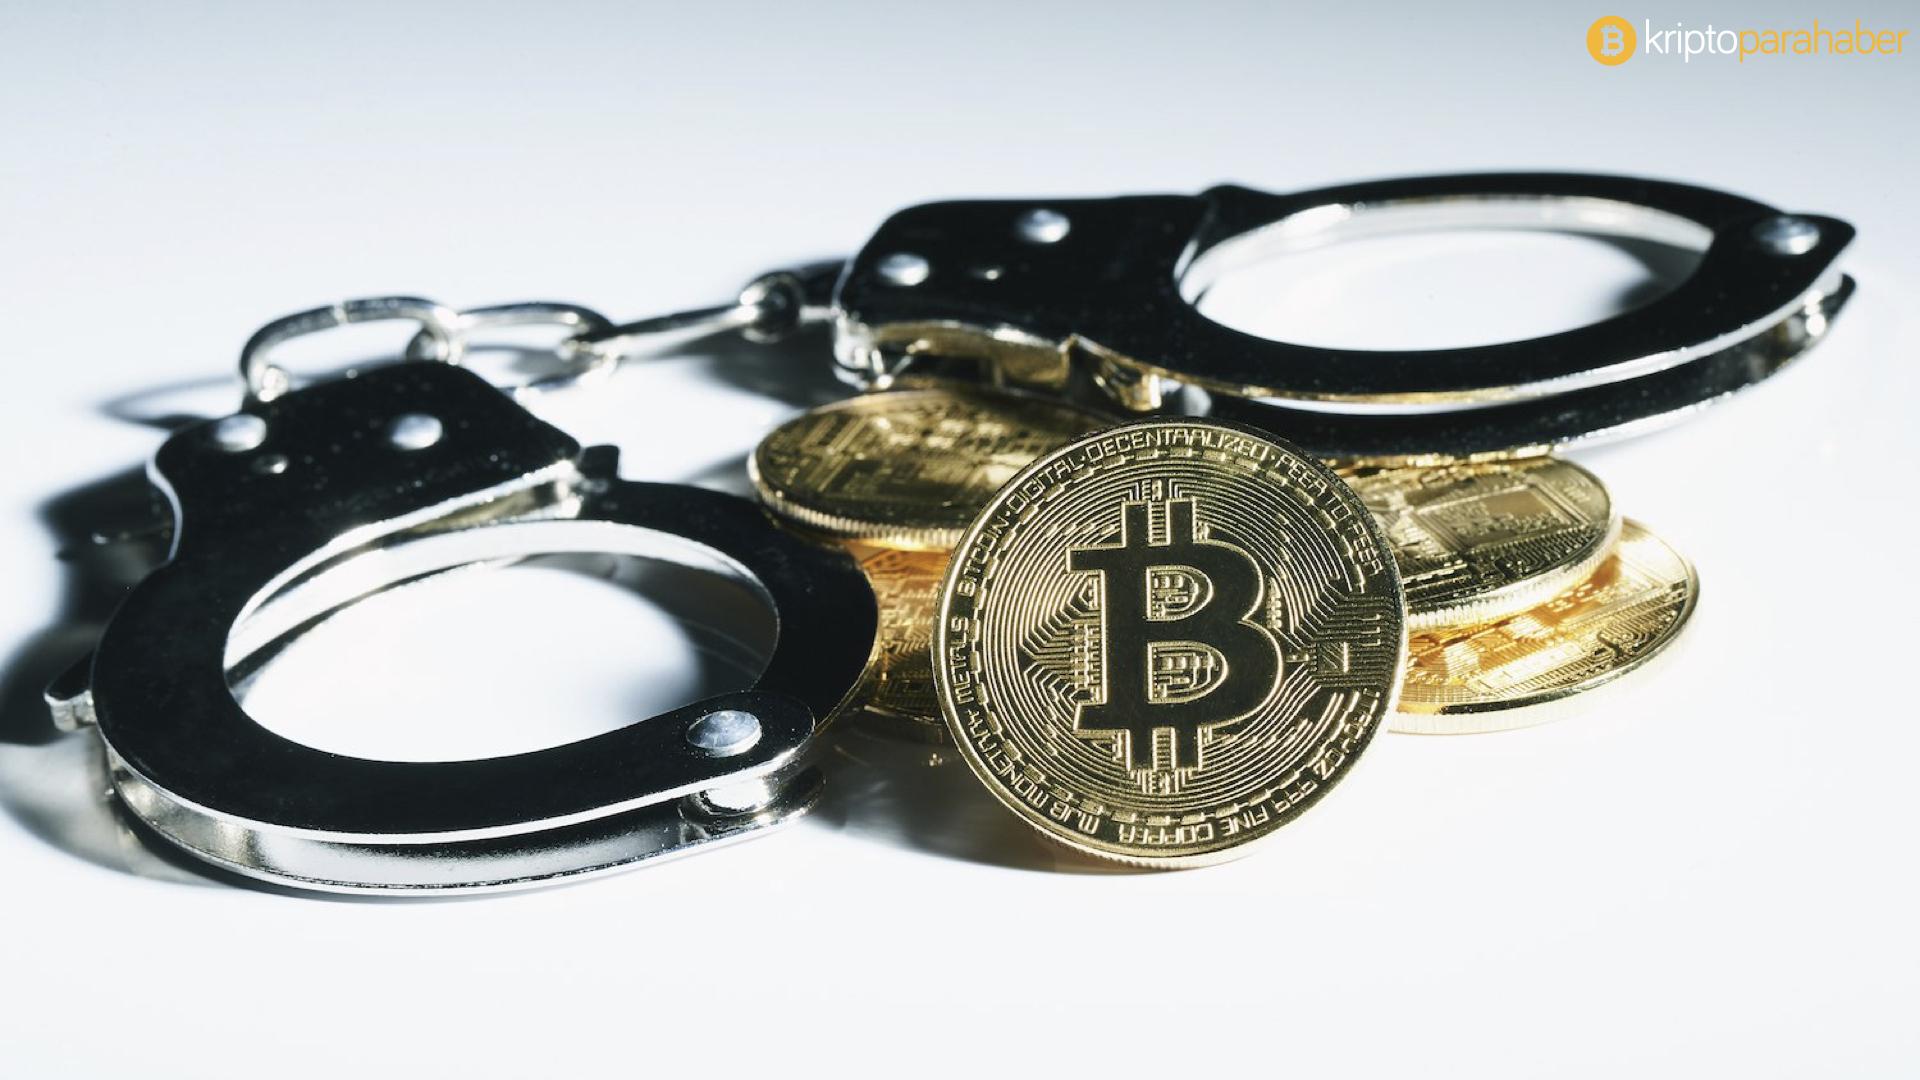 Kripto ile ilgili suçlar bu yıl zirve yapabilir.